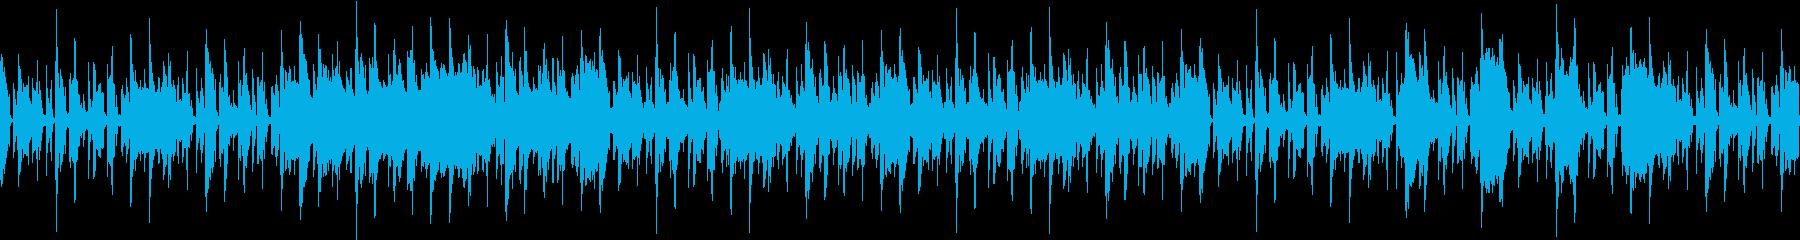 おしゃれなシンセリードBGM ループの再生済みの波形